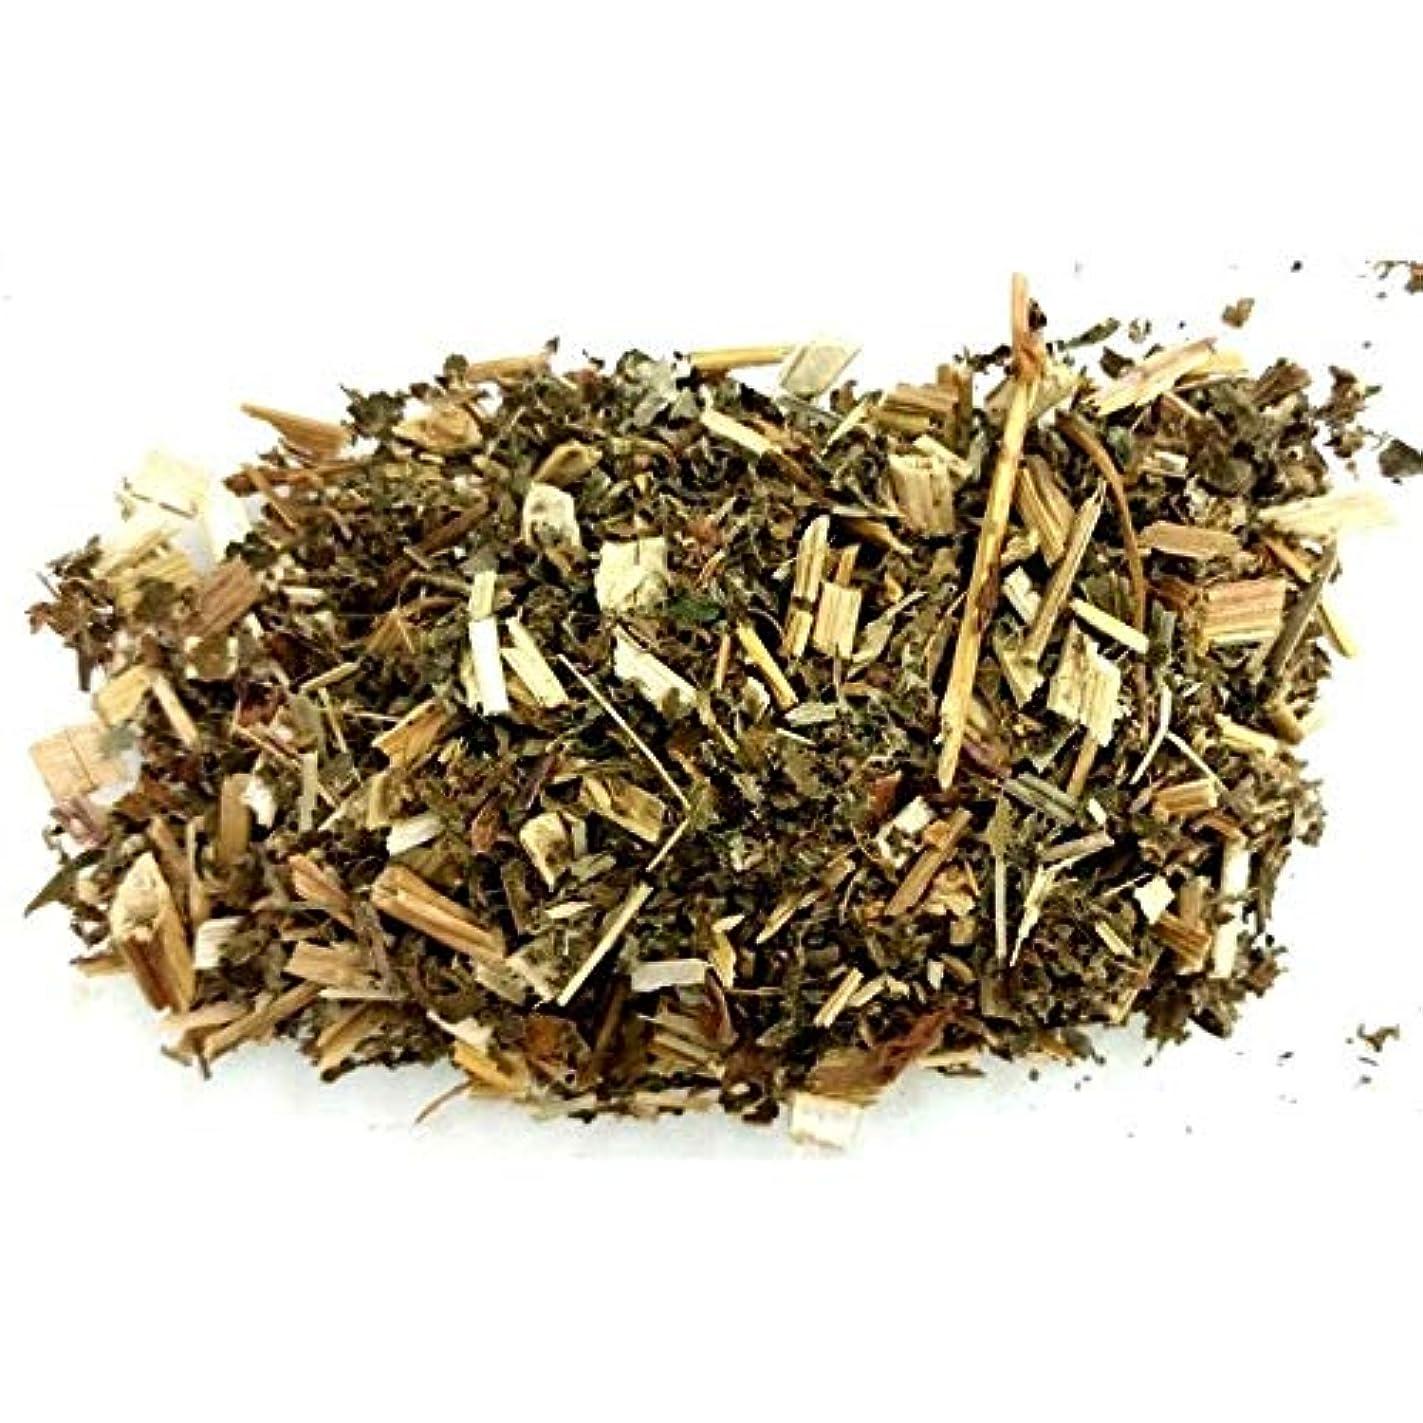 ハッチ終点甘くする種子パッケージ:甘い香り-Incense Magikal Seedion儀式ウィッカパガンゴス